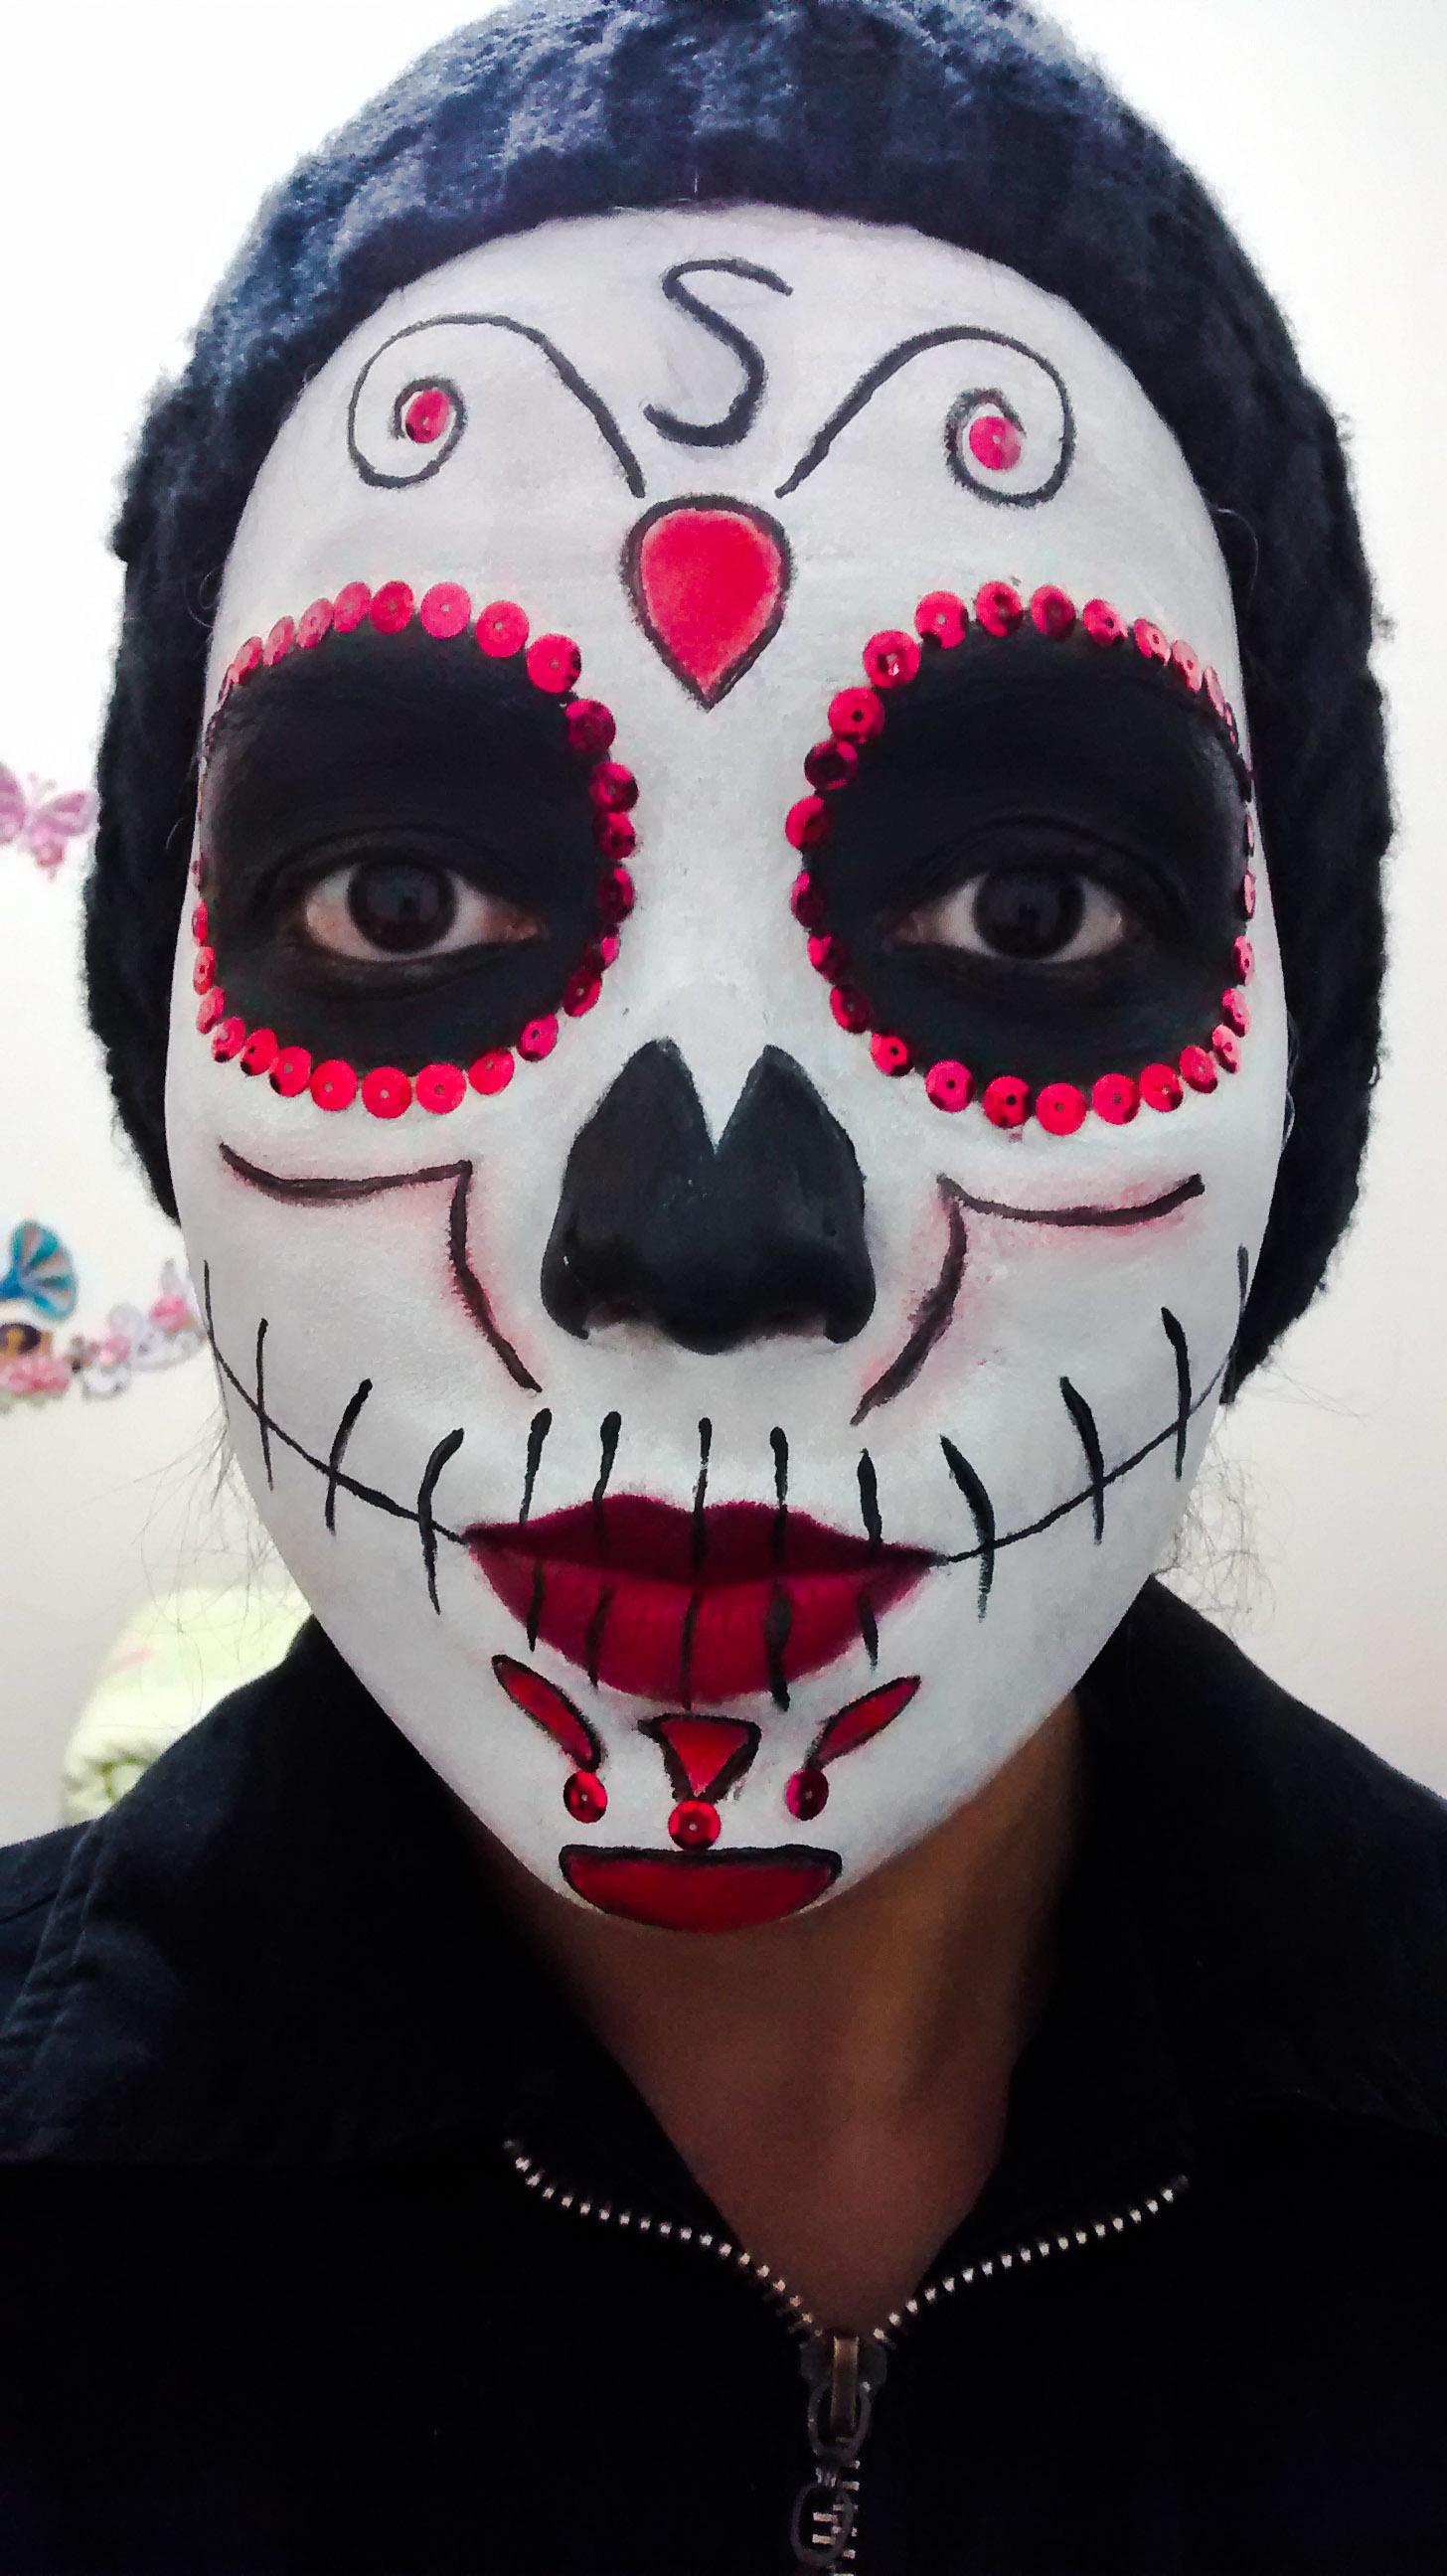 maquiagem artistica, caveira mexicana maquiador(a)